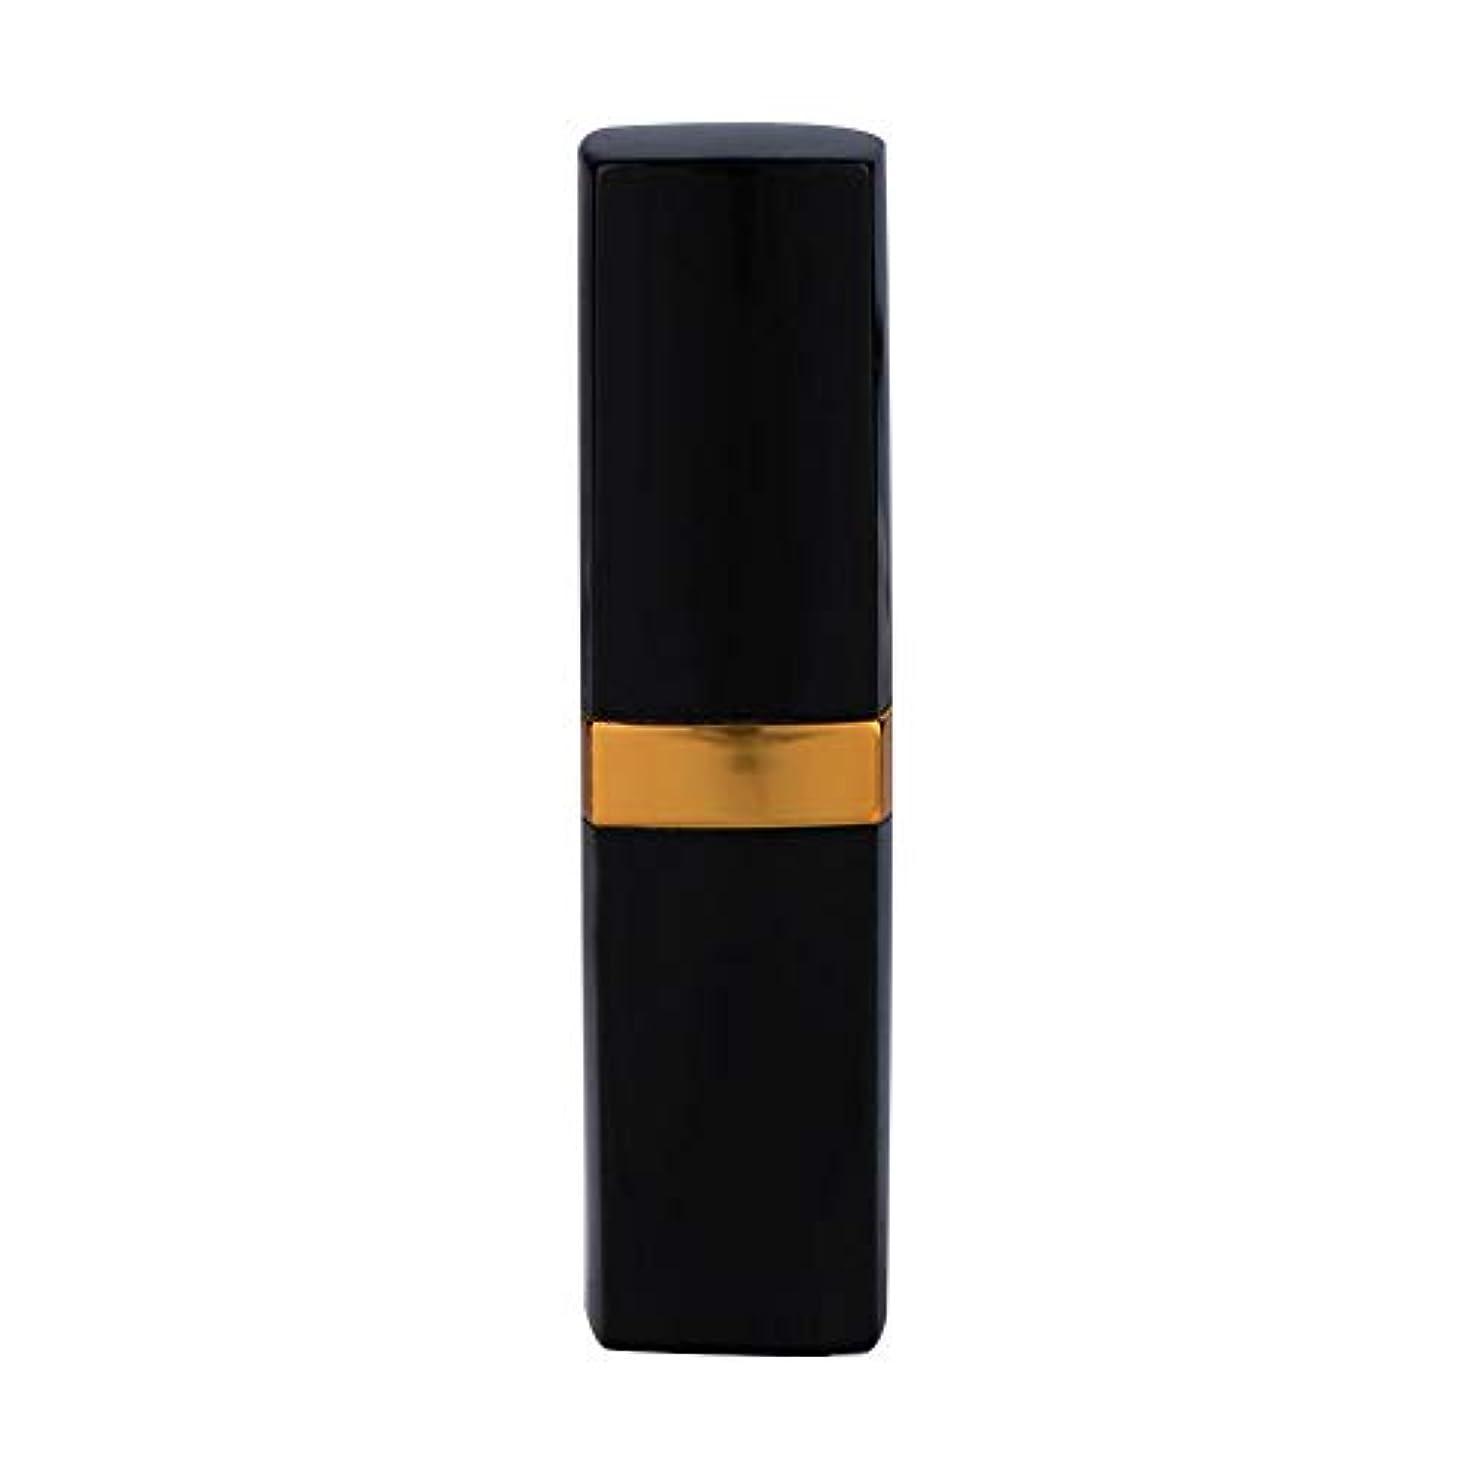 川区別矢じり一時的な口紅の染毛剤のペン、使い捨て可能なカバー白髪の死ぬ道具(黒褐色)